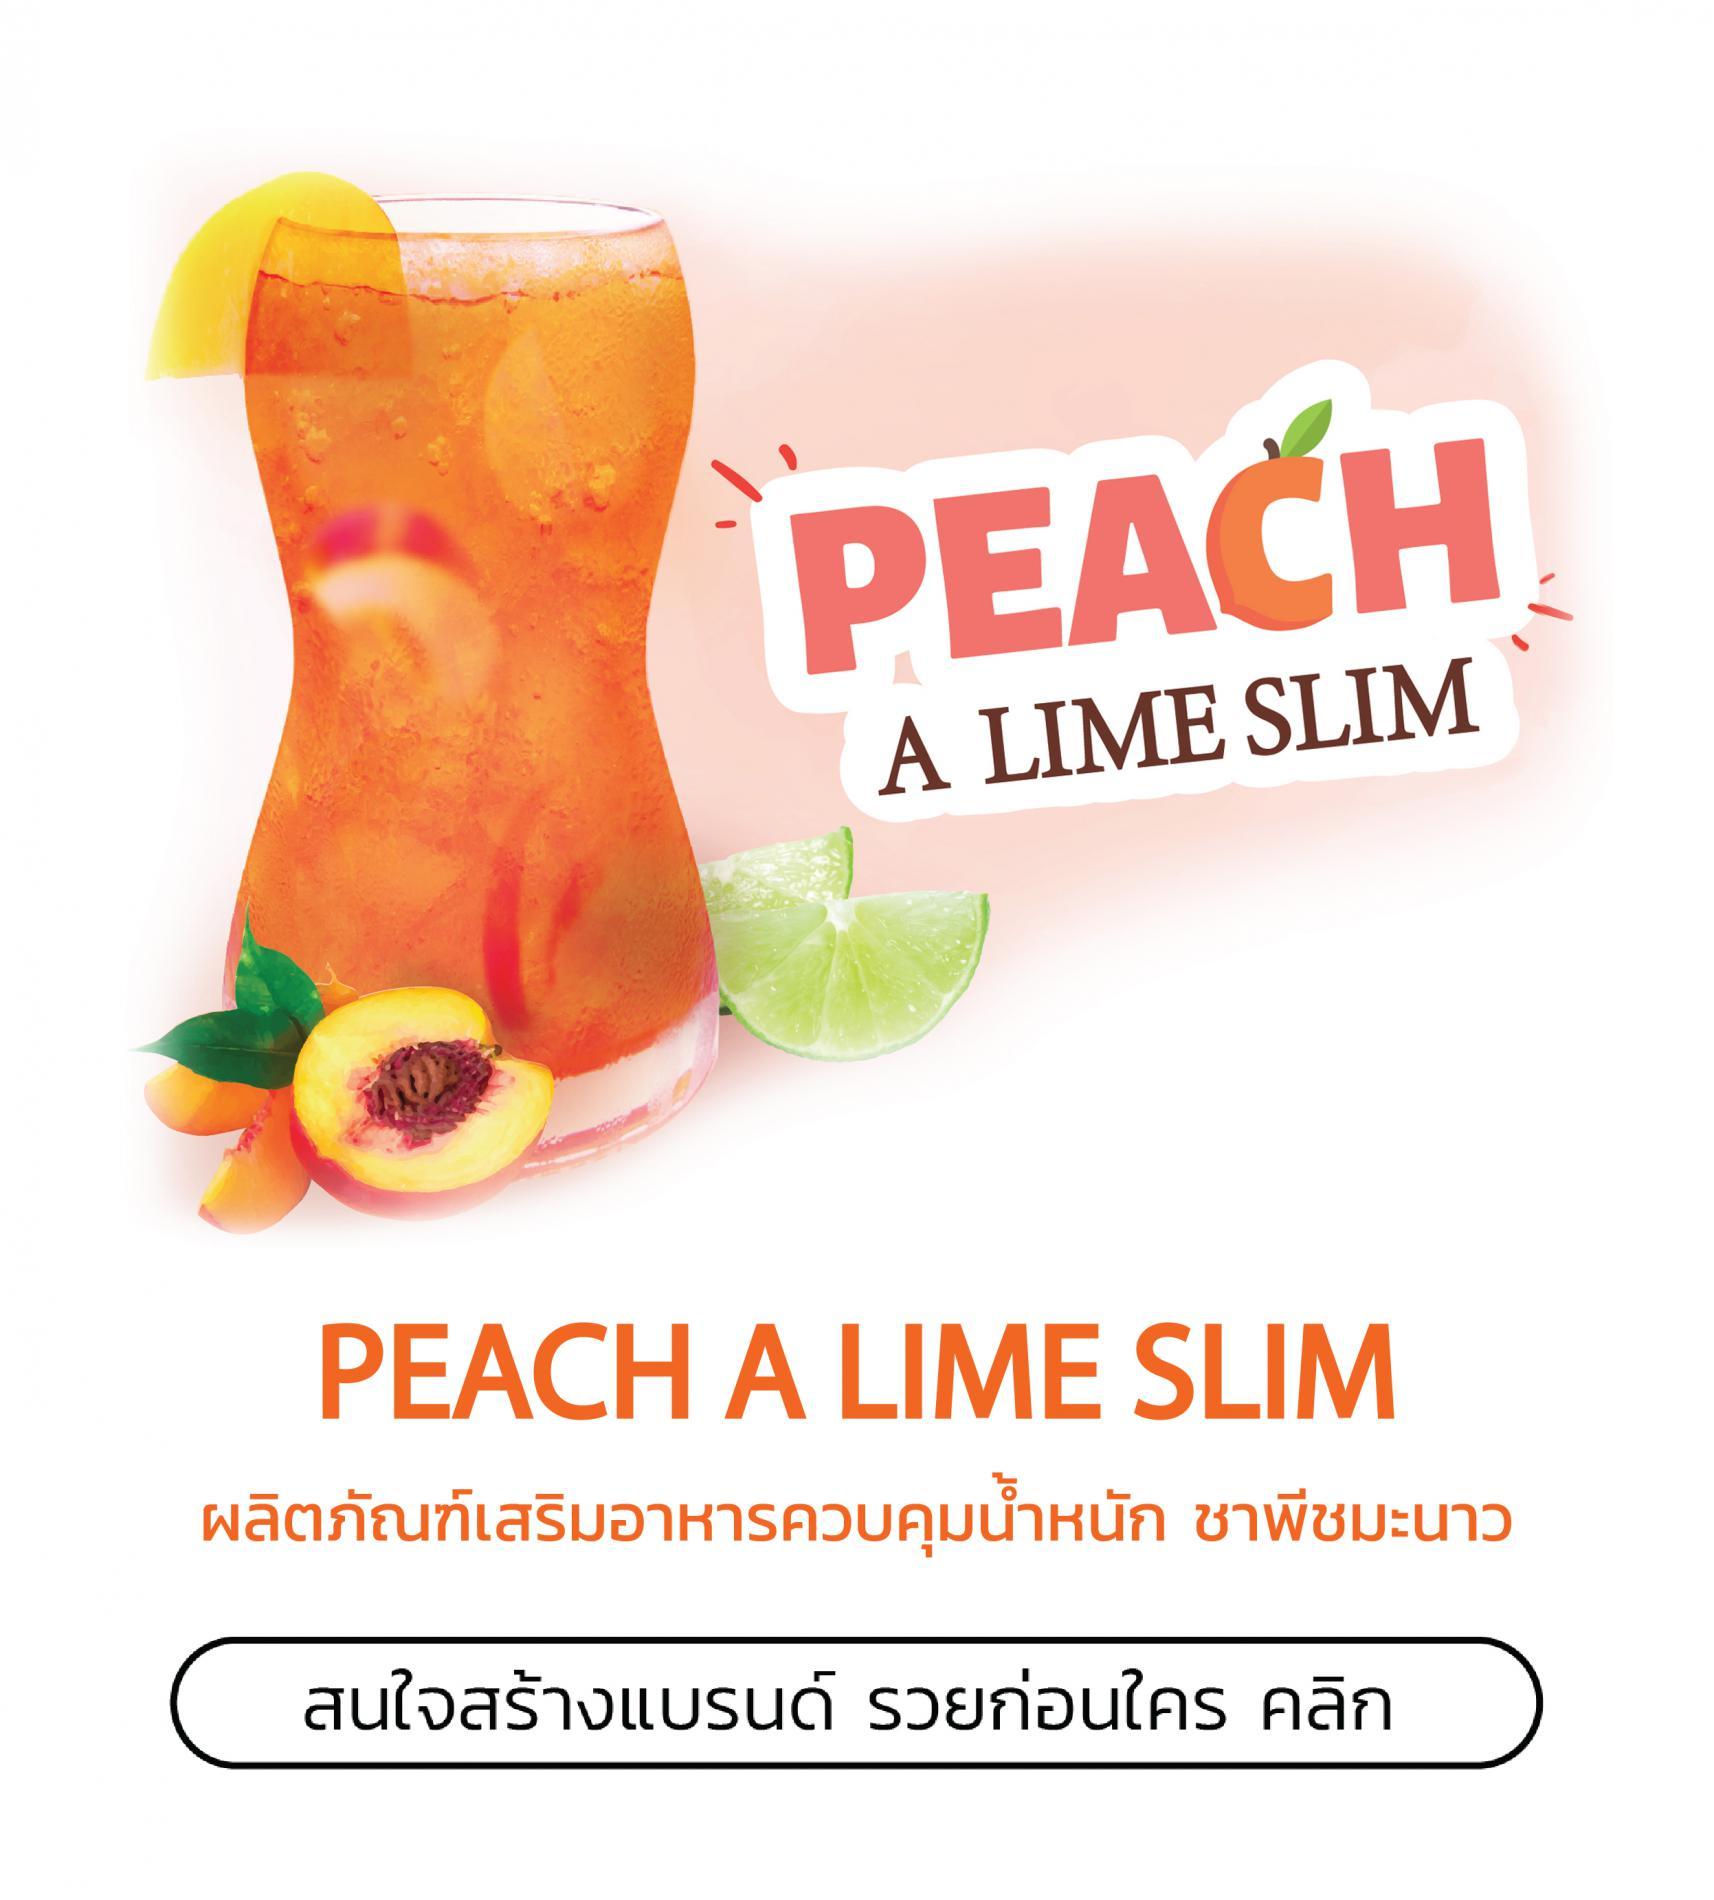 สร้างแบรนด์อาหารเสริม Peach a Lime Slim รวยก่อนใคร